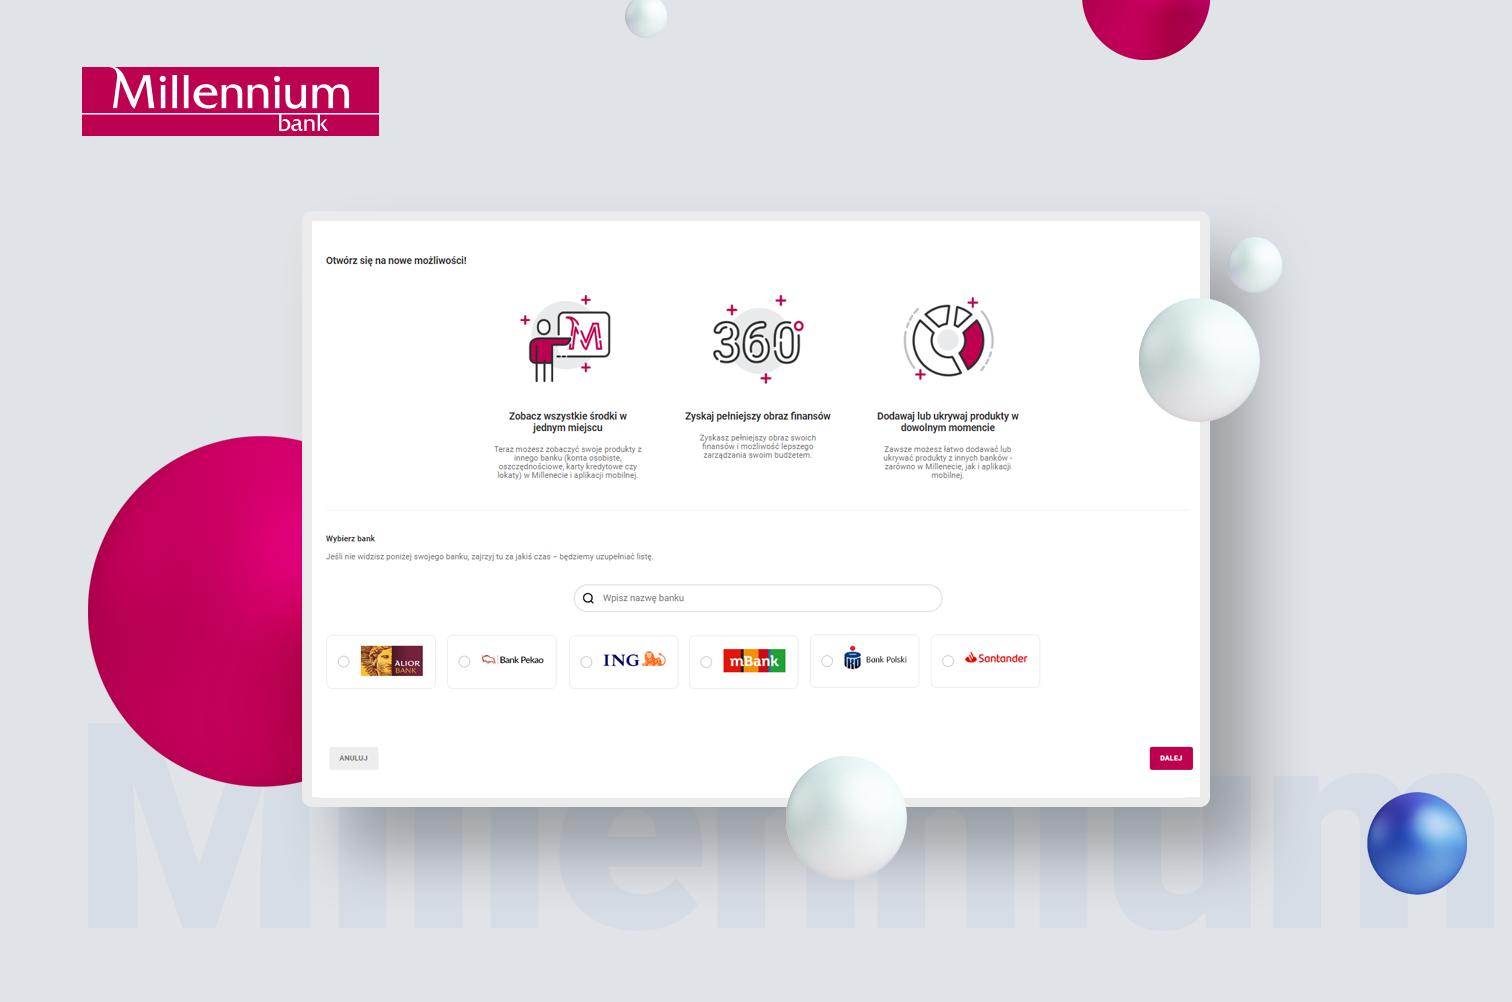 Millennium Bank - otwarta bankowość